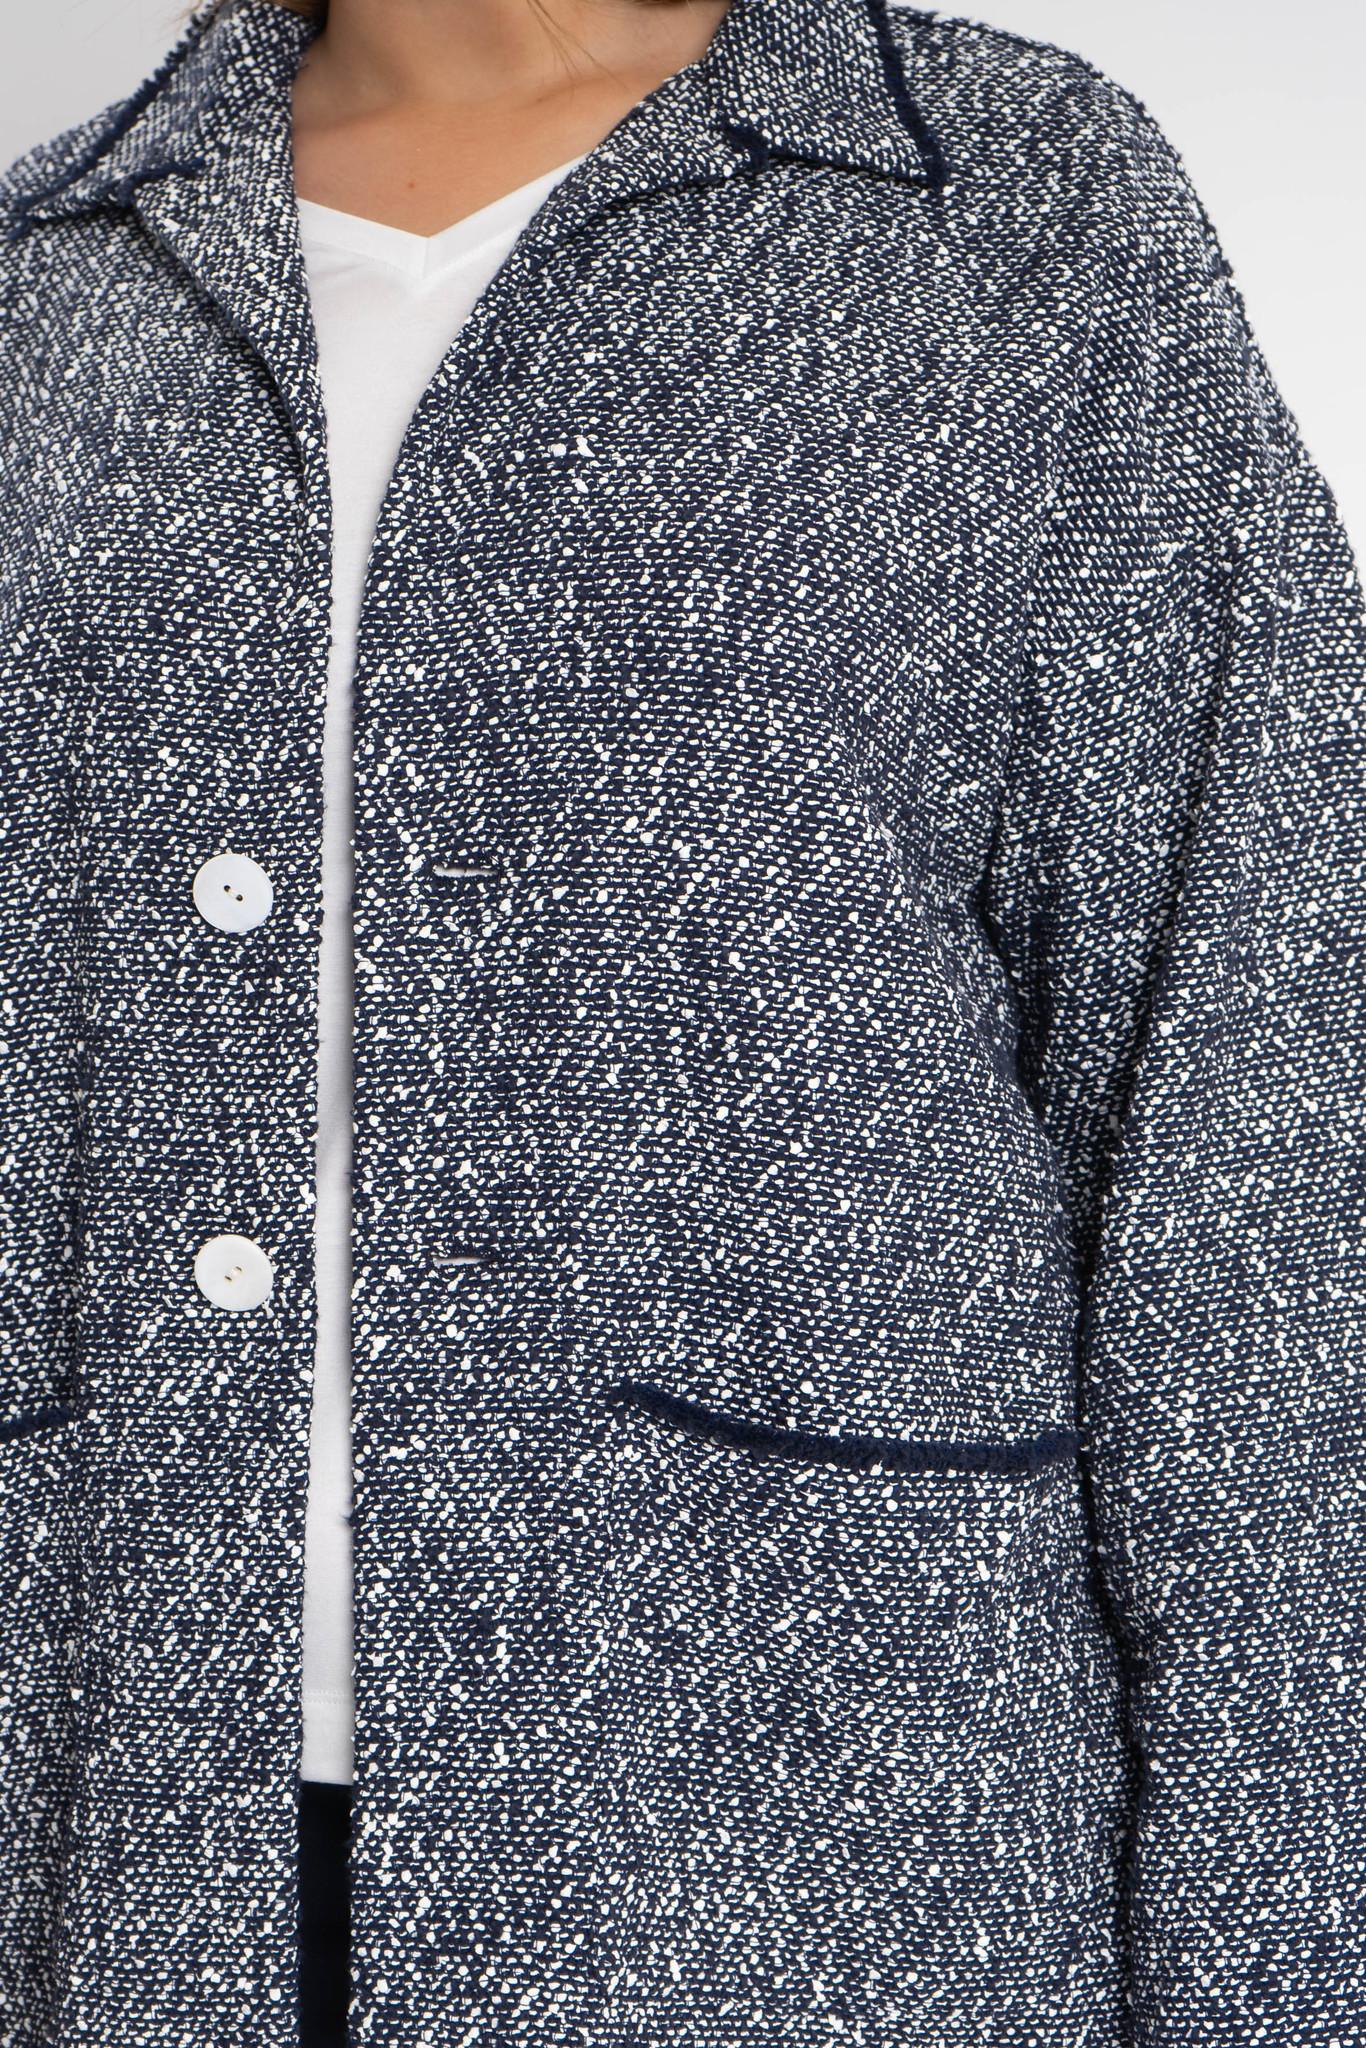 RAN Coat in fine Cotton bouclé-3